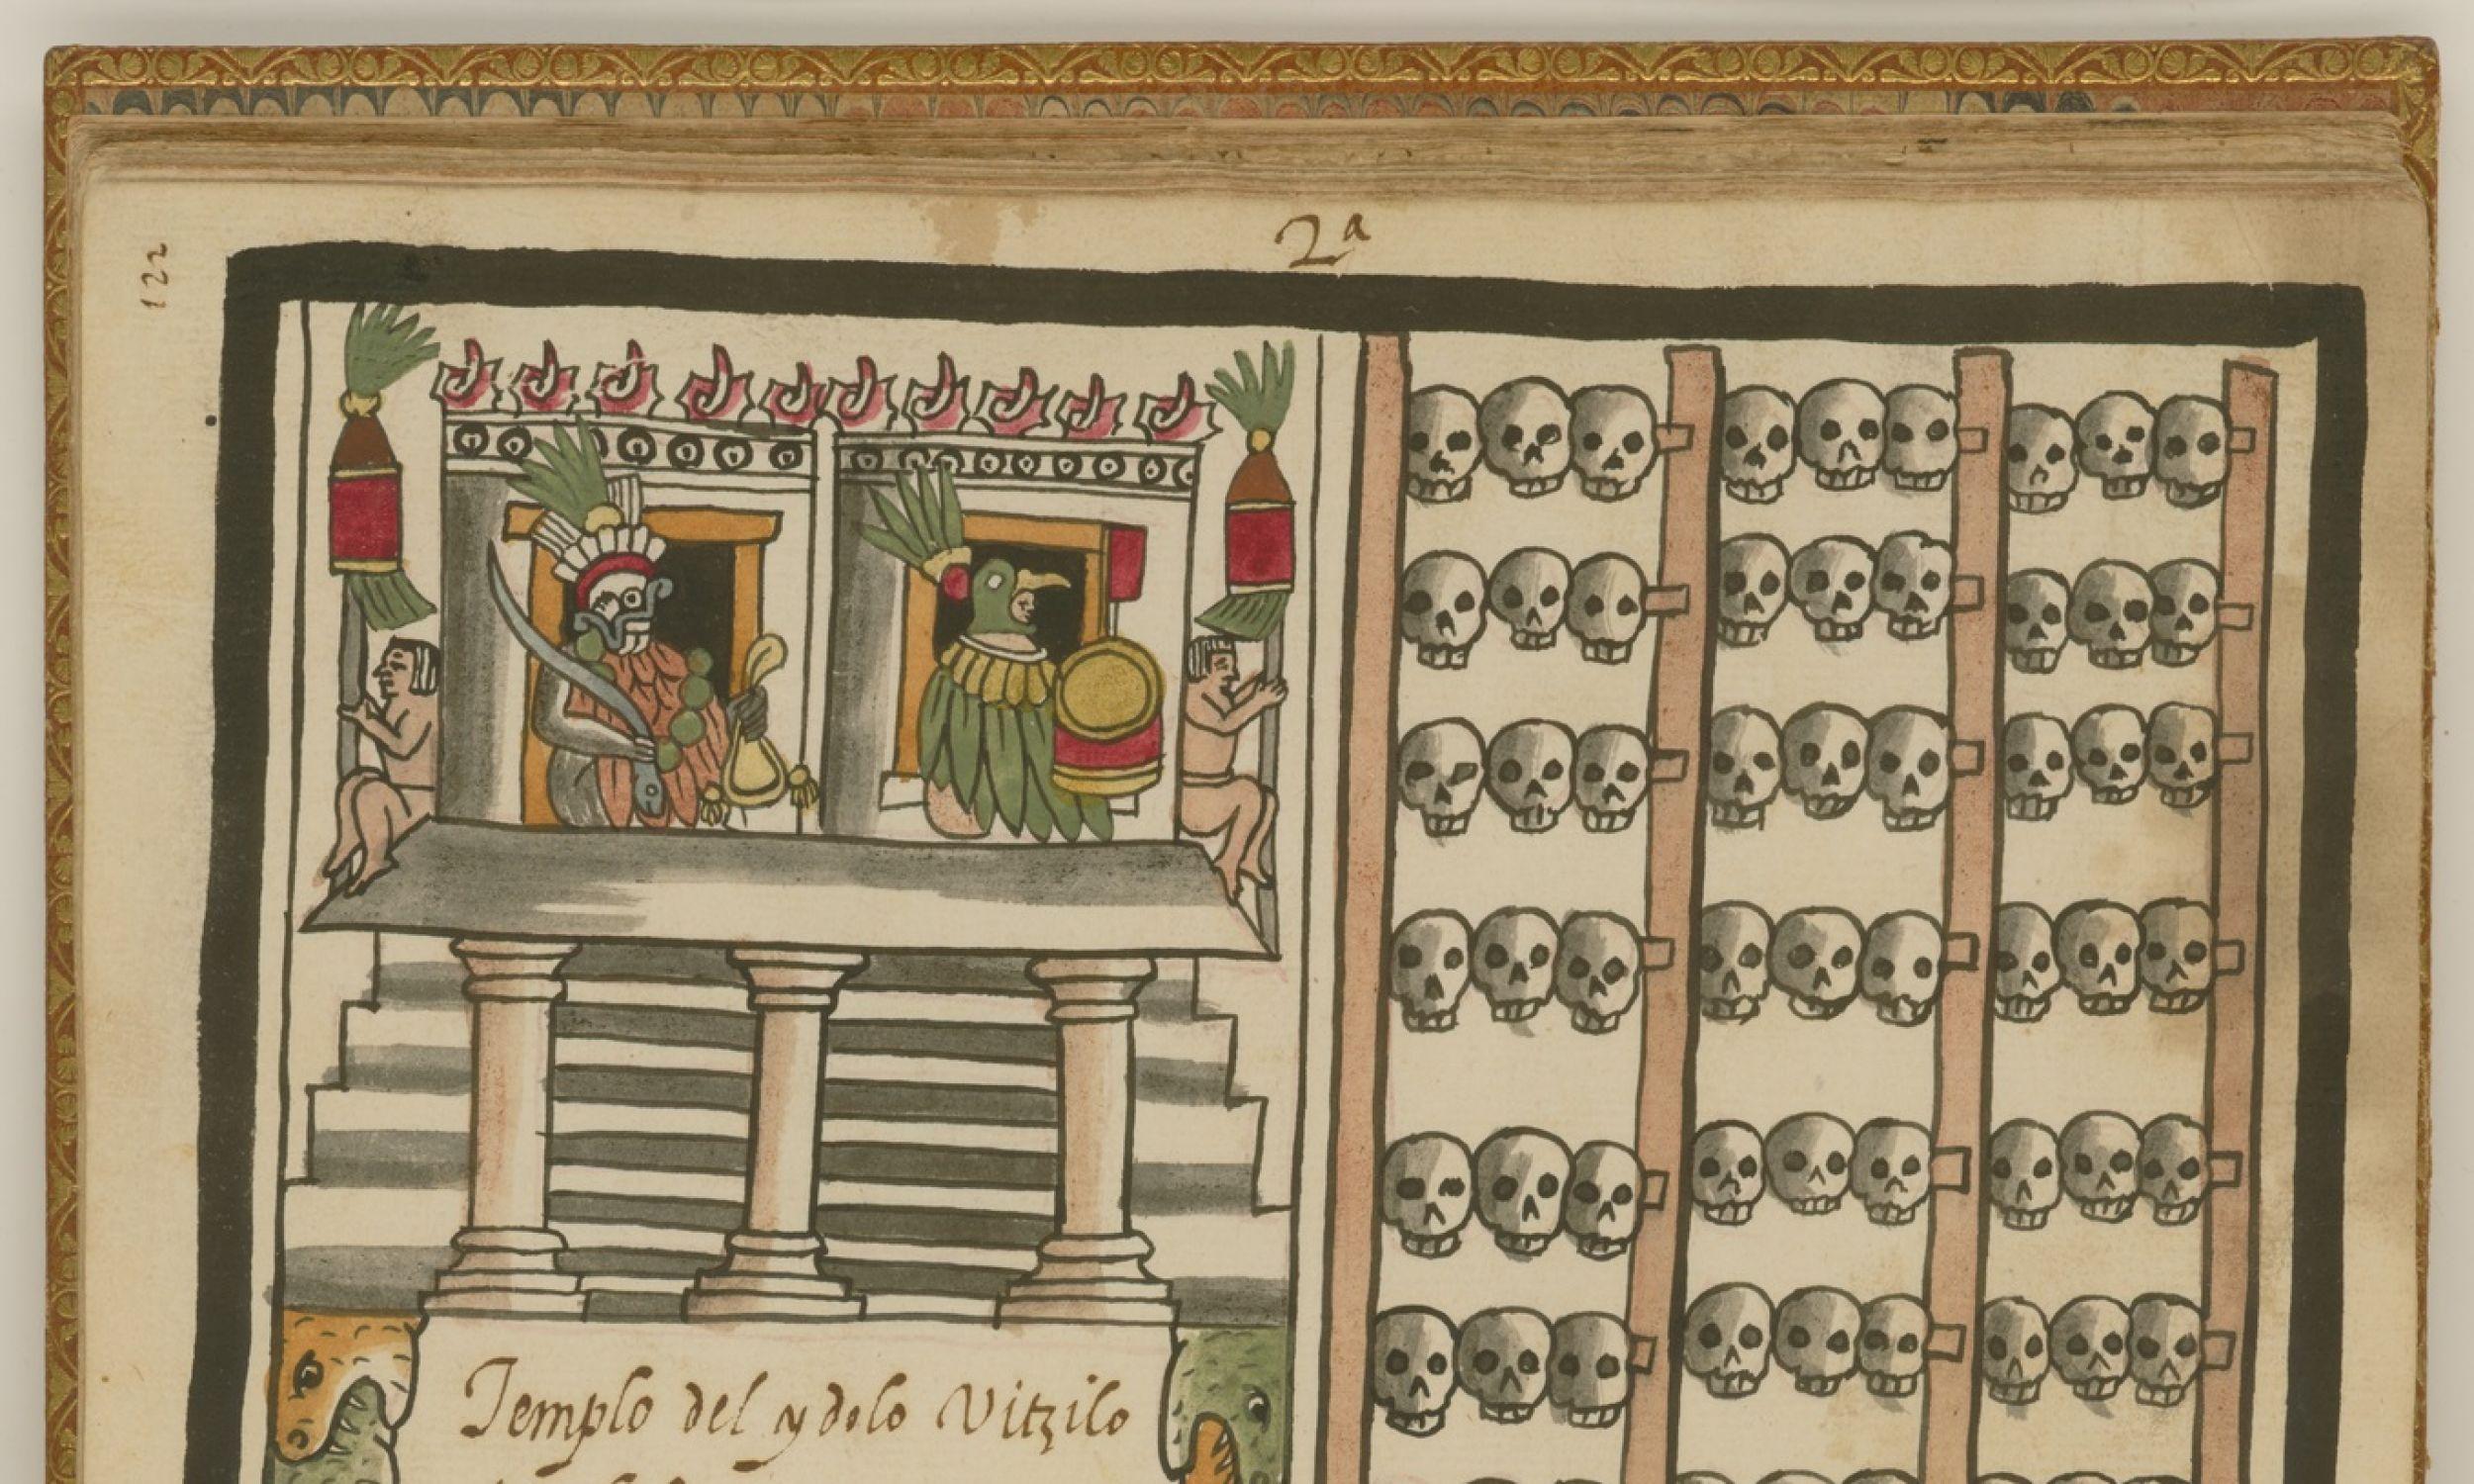 Kodeks Tovar XVI-wiecznego jezuity Juana de Tovar zawiera szczegółowe informacje o obrzędach Azteków (znanych również jako Mexica). Ta ilustracja pokazuje (po lewej) świątynię zwieńczoną wizerunkami dwóch bogów: po prawej stronie jest obraz Huitzilopochtli (bóg słońca i wojny), a po lewej Tlaloca (deszczu i rolnictwa) z turkusowym wężem (broń bogów). Po prawej stronie znajduje się tzompantli, czyli stojak na czaszki. Fot. Wikimedia/zbiory Biblioteki Johna Cartera Browna w Meksyku